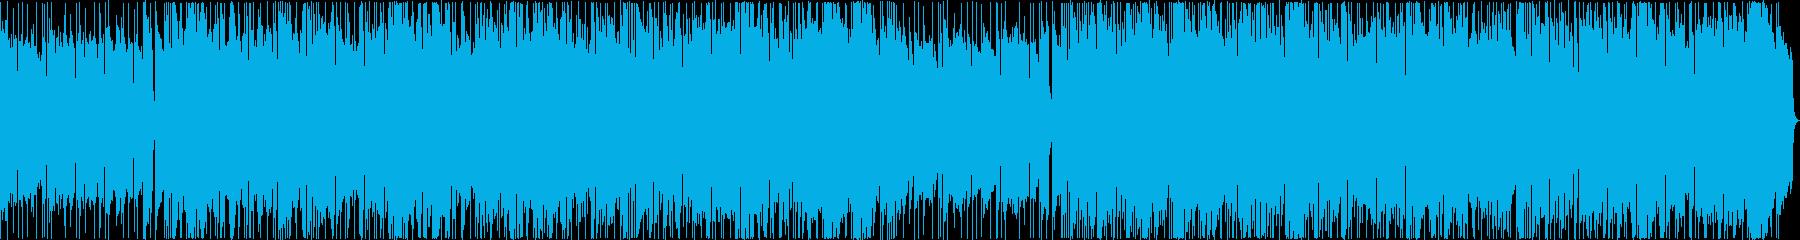 朝もやがかかっているかのようなバラードの再生済みの波形